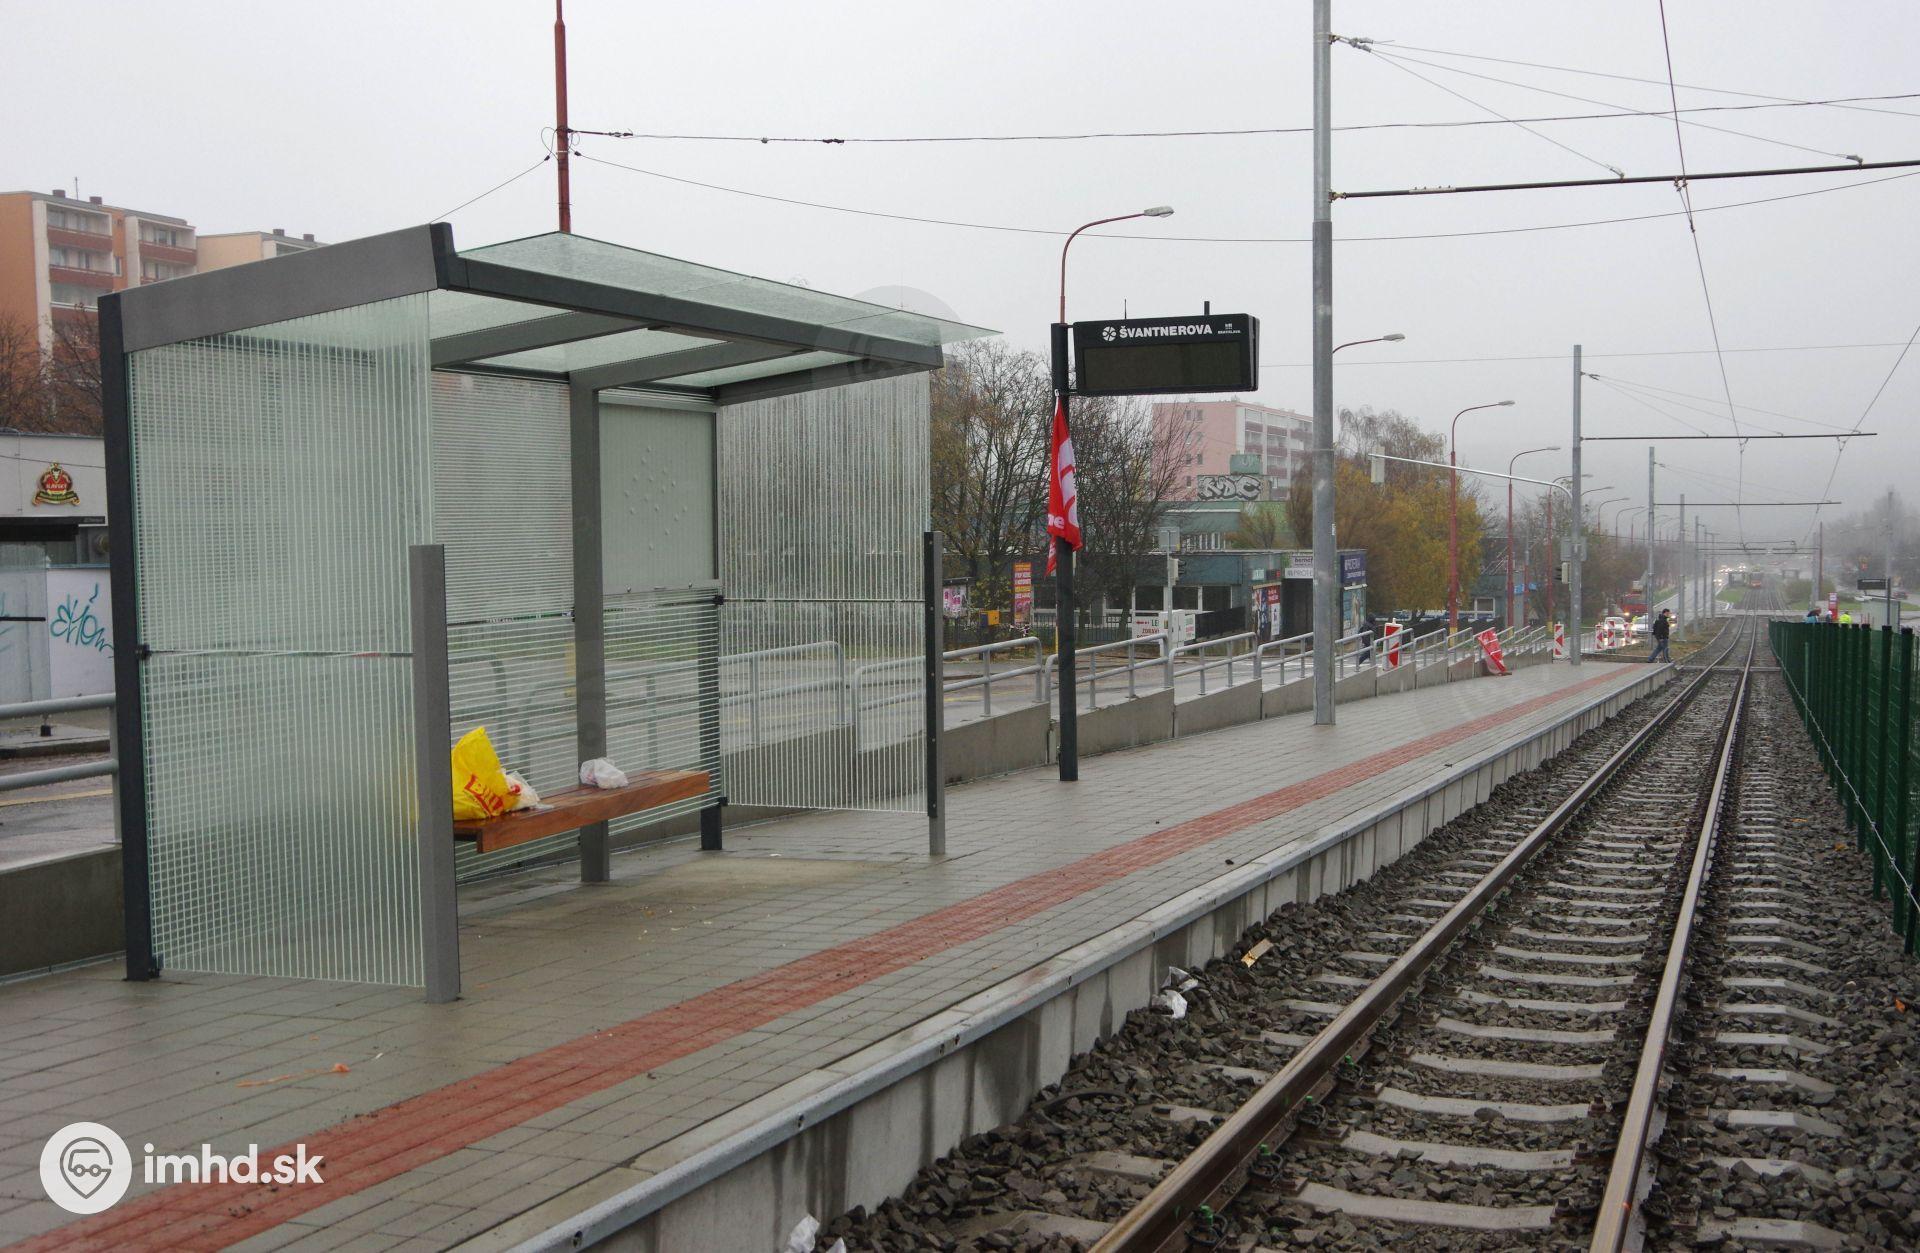 23b997ef0 Dve desiatky zastávok dostanú nové prístrešky • imhd.sk Bratislava